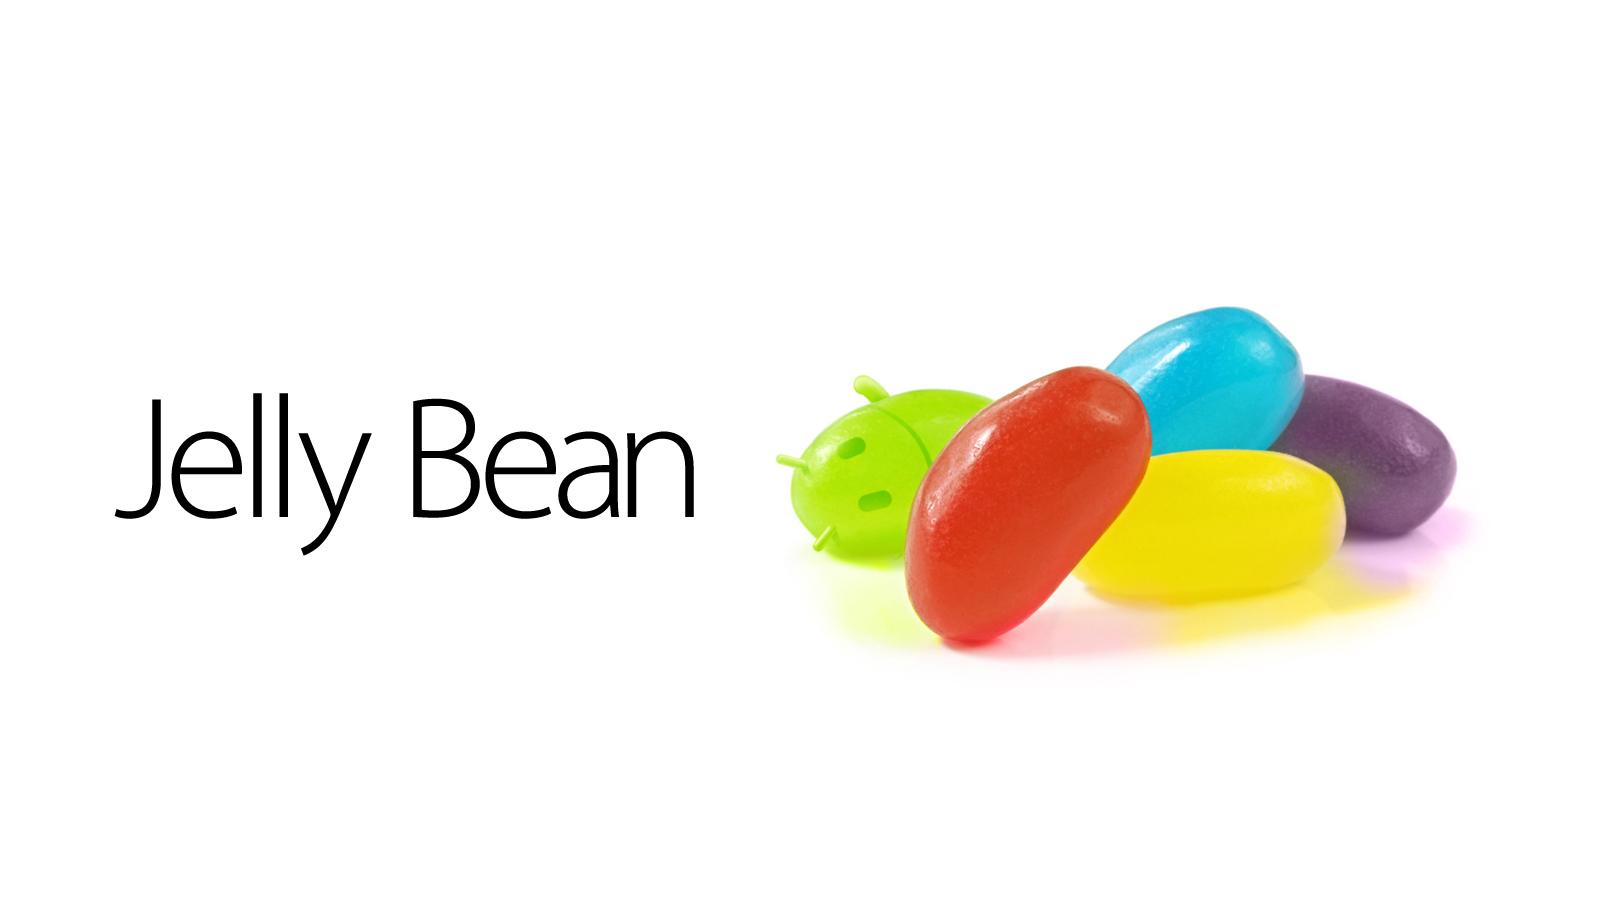 Asus begint uitrol Android 4.1 Jelly Bean-update voor Transformer Prime in Zweden